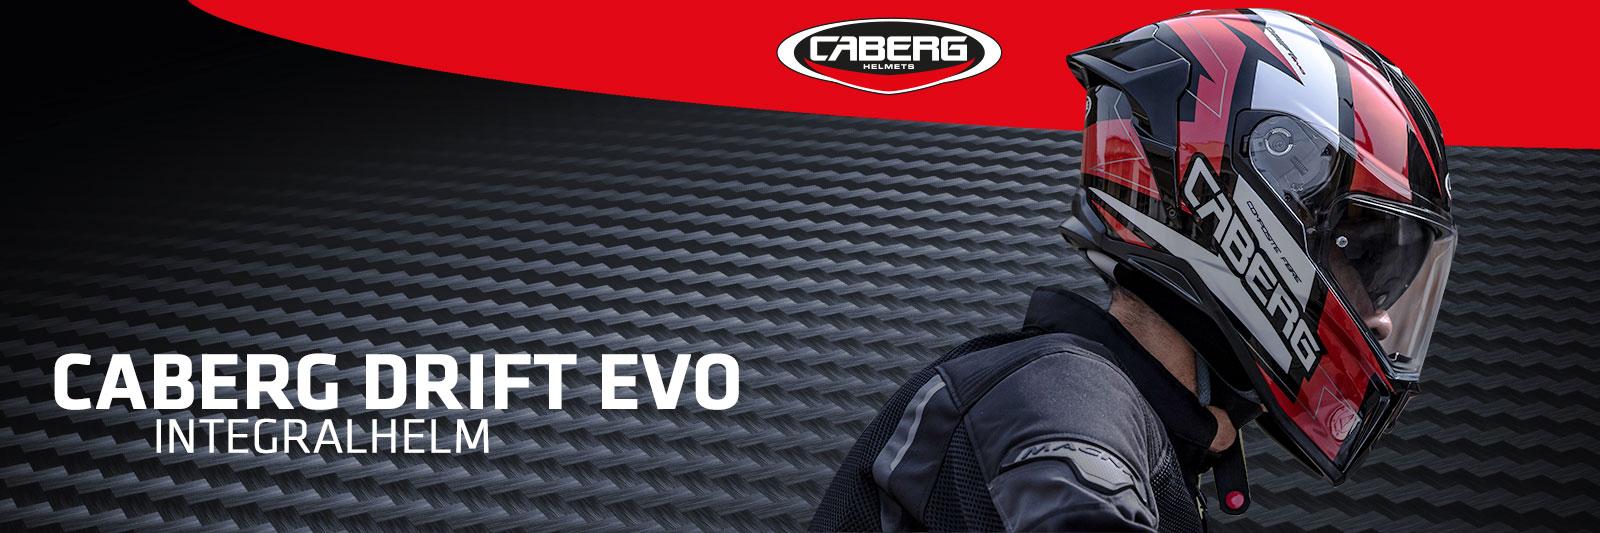 CABERG DRIFT EVO